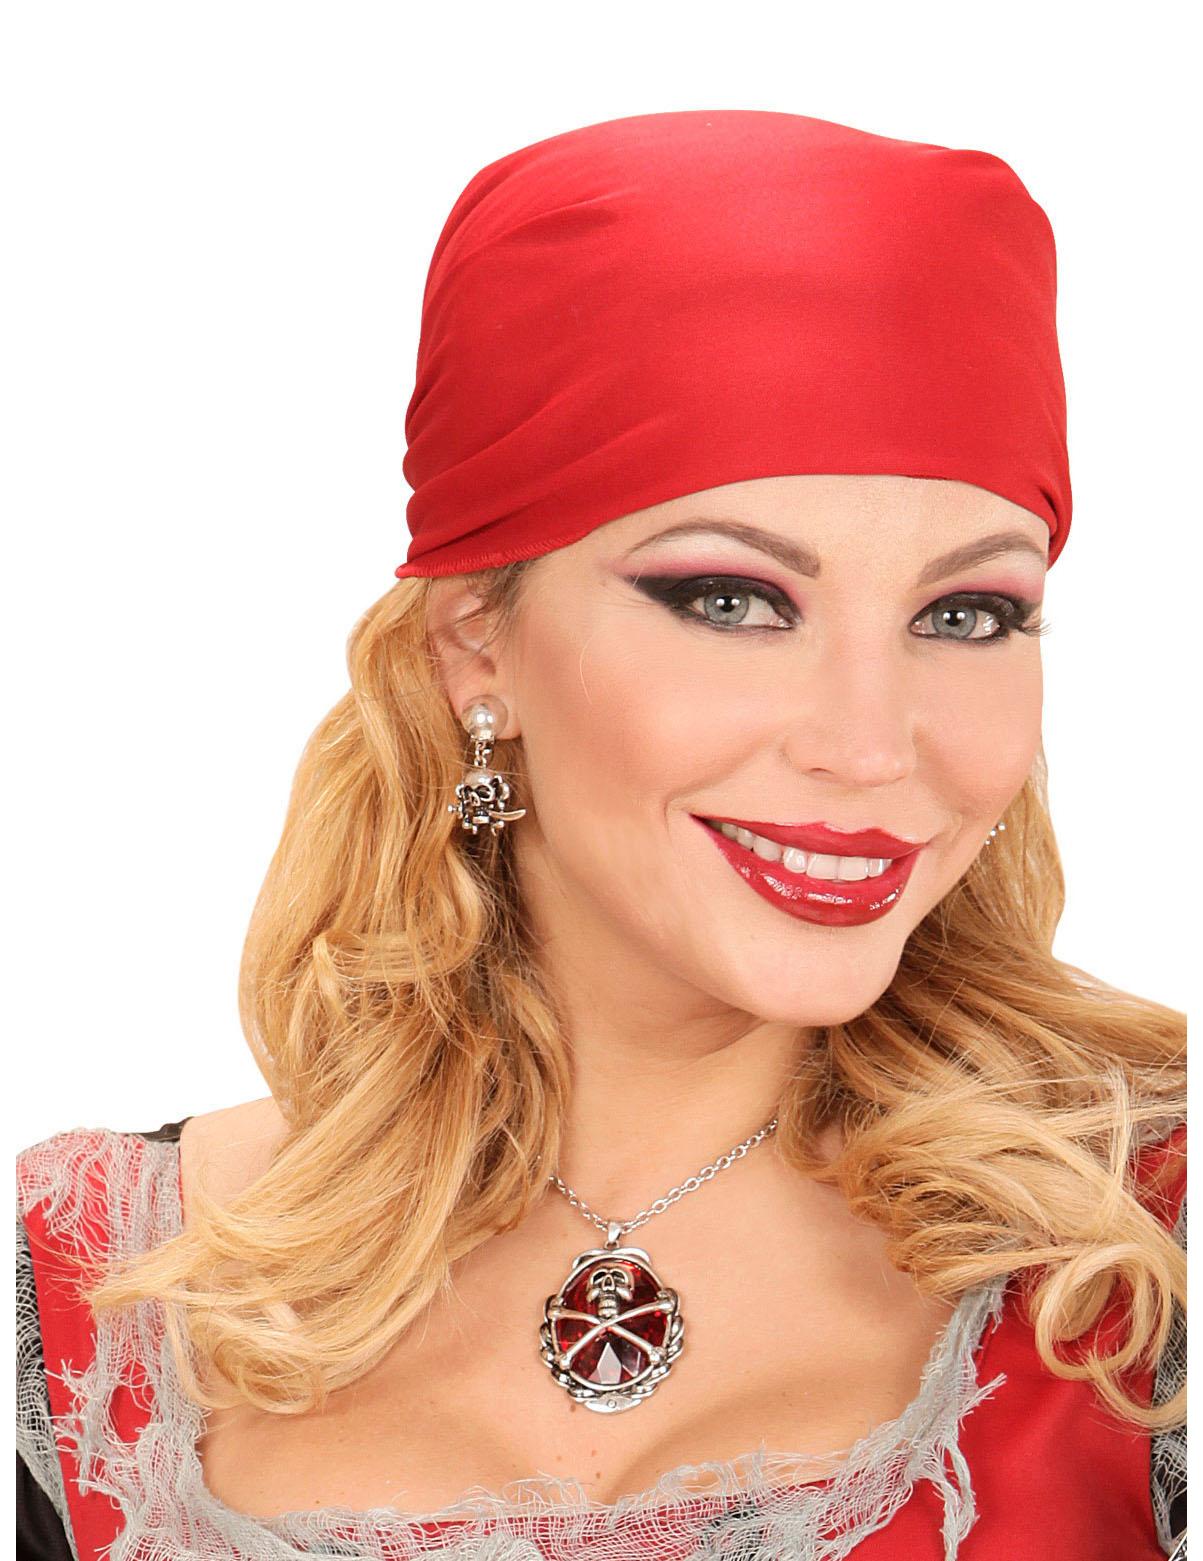 Collier pierre pr cieuse rouge pirate femme achat de accessoires sur vegaoopro grossiste en - Fausse pierre precieuse ...